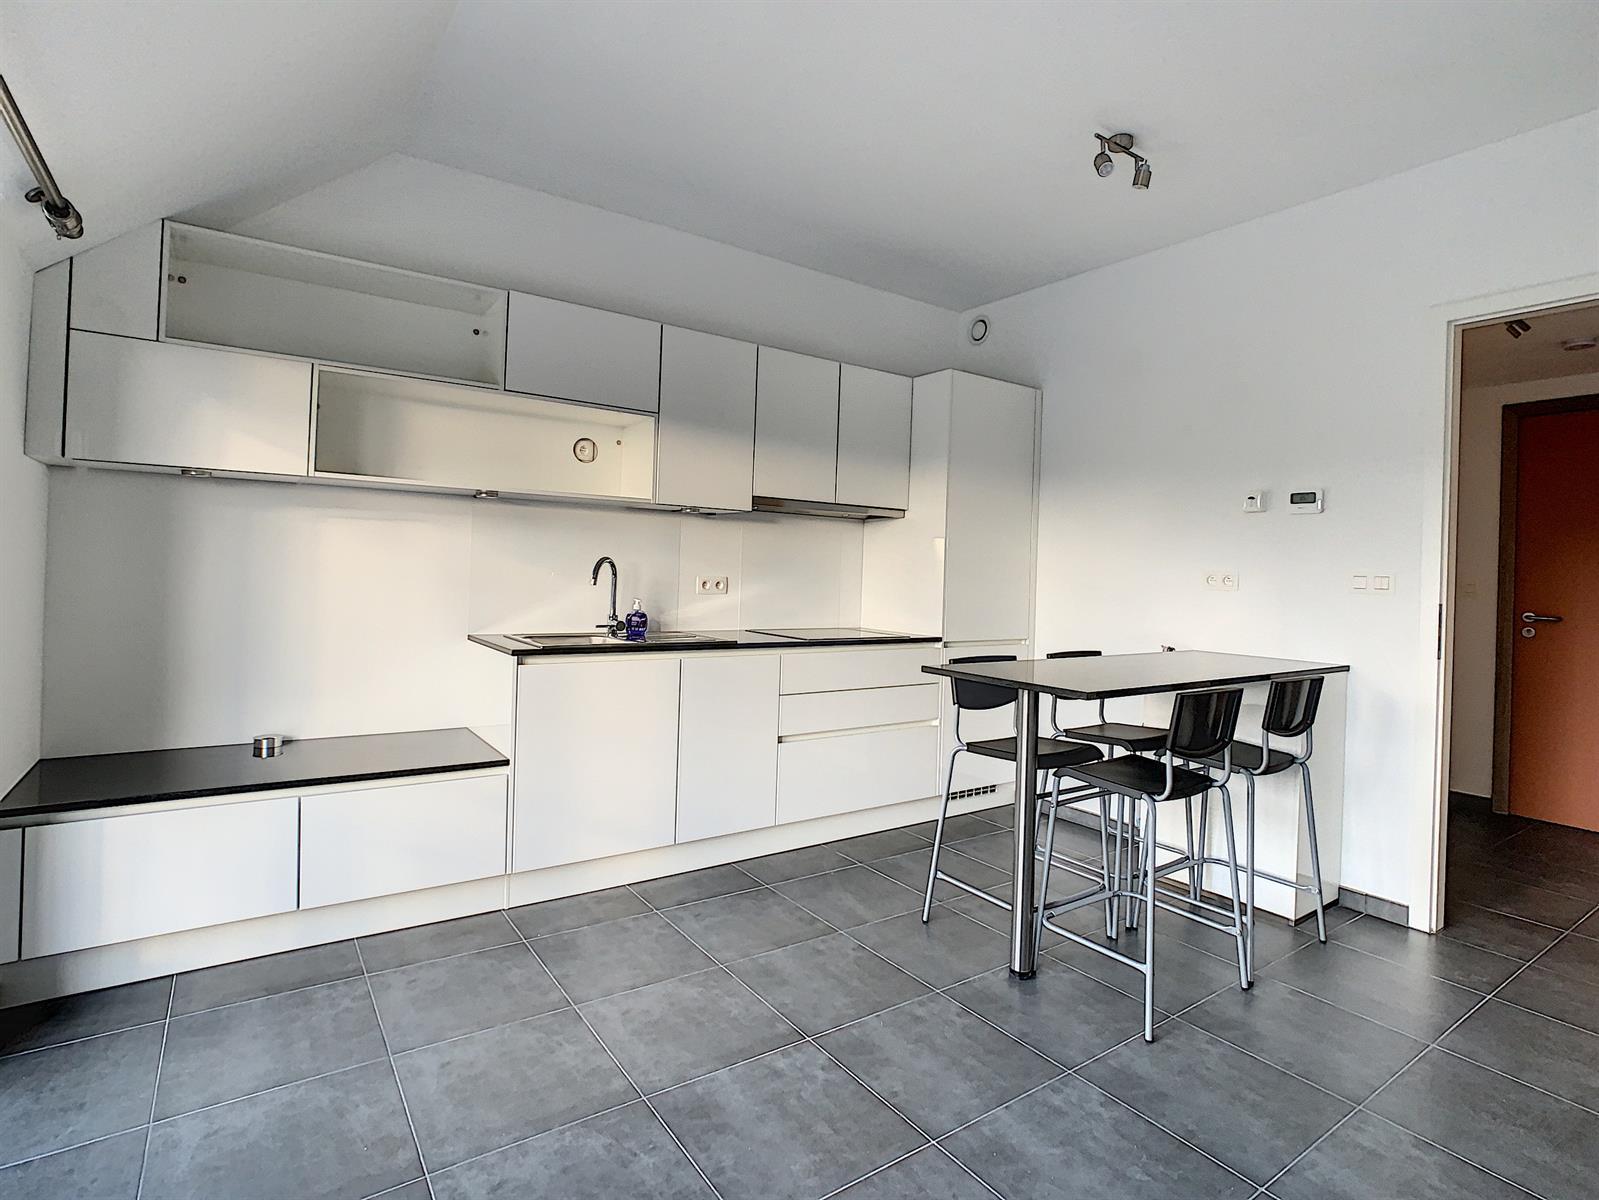 Appartement - Louvain-la-Neuve - #4198266-0